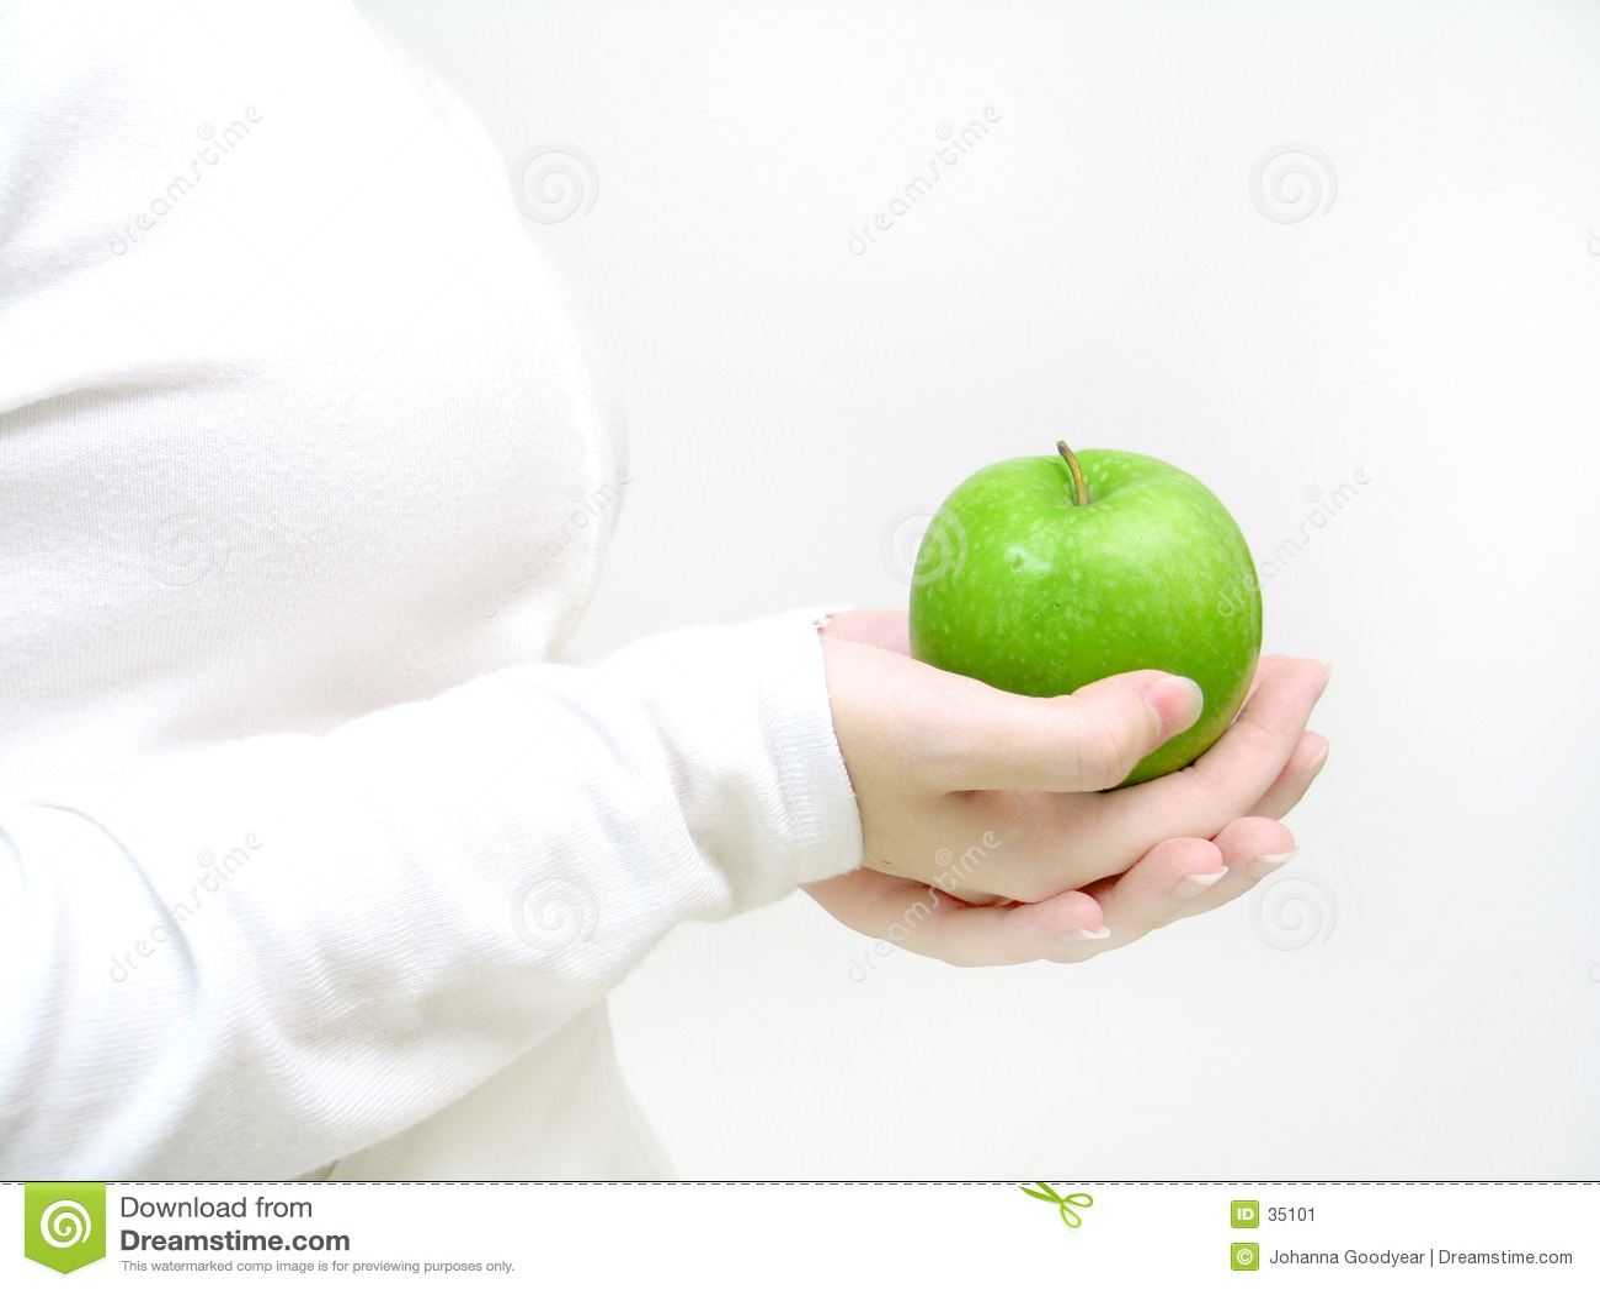 яблоко имеет